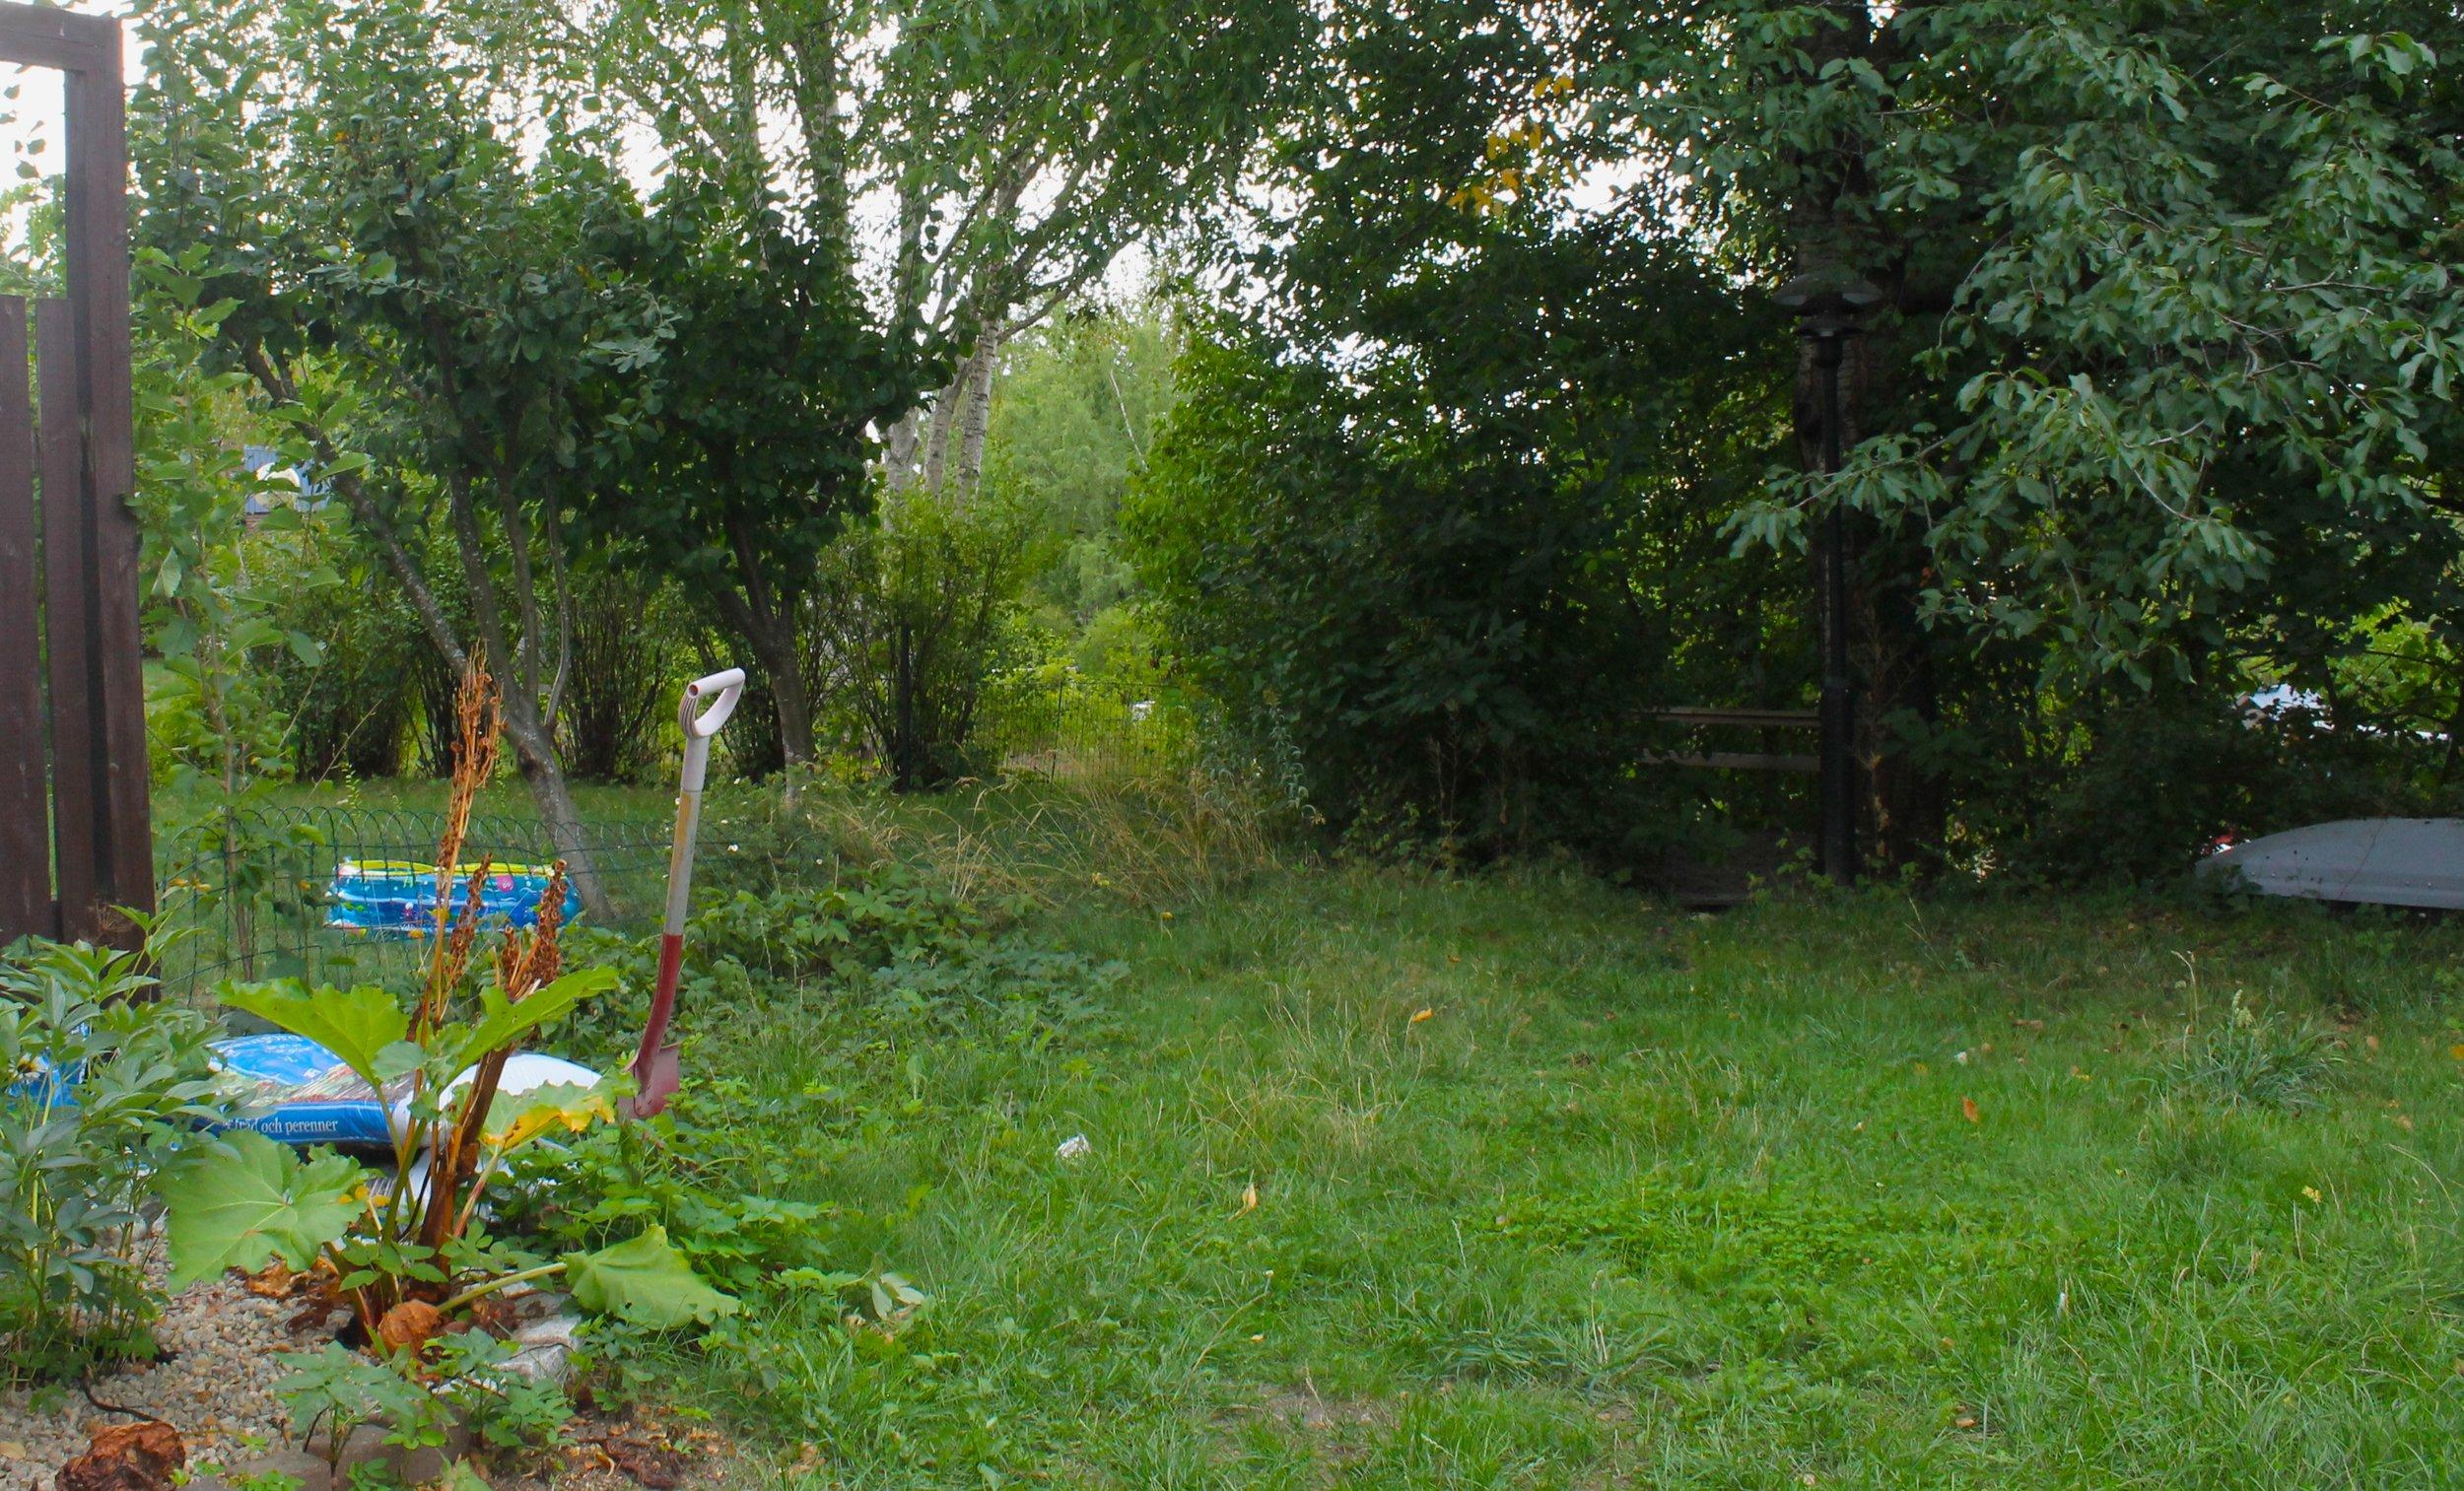 Charlie and Sanna's garden